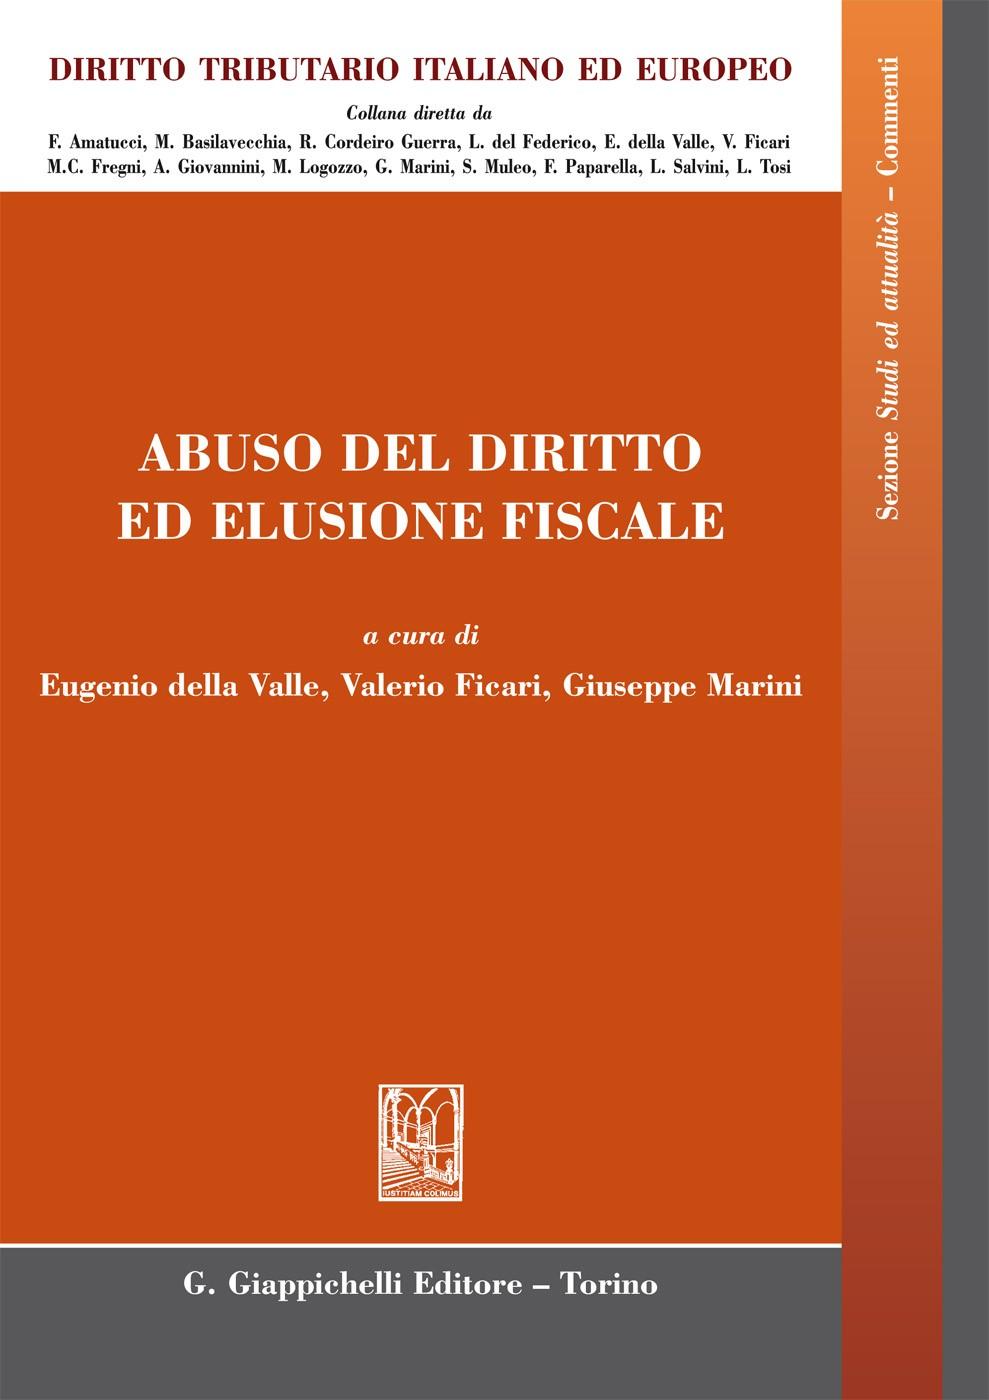 Book Cover Images Api : Abuso del diritto ed elusione fiscale mauro beghin